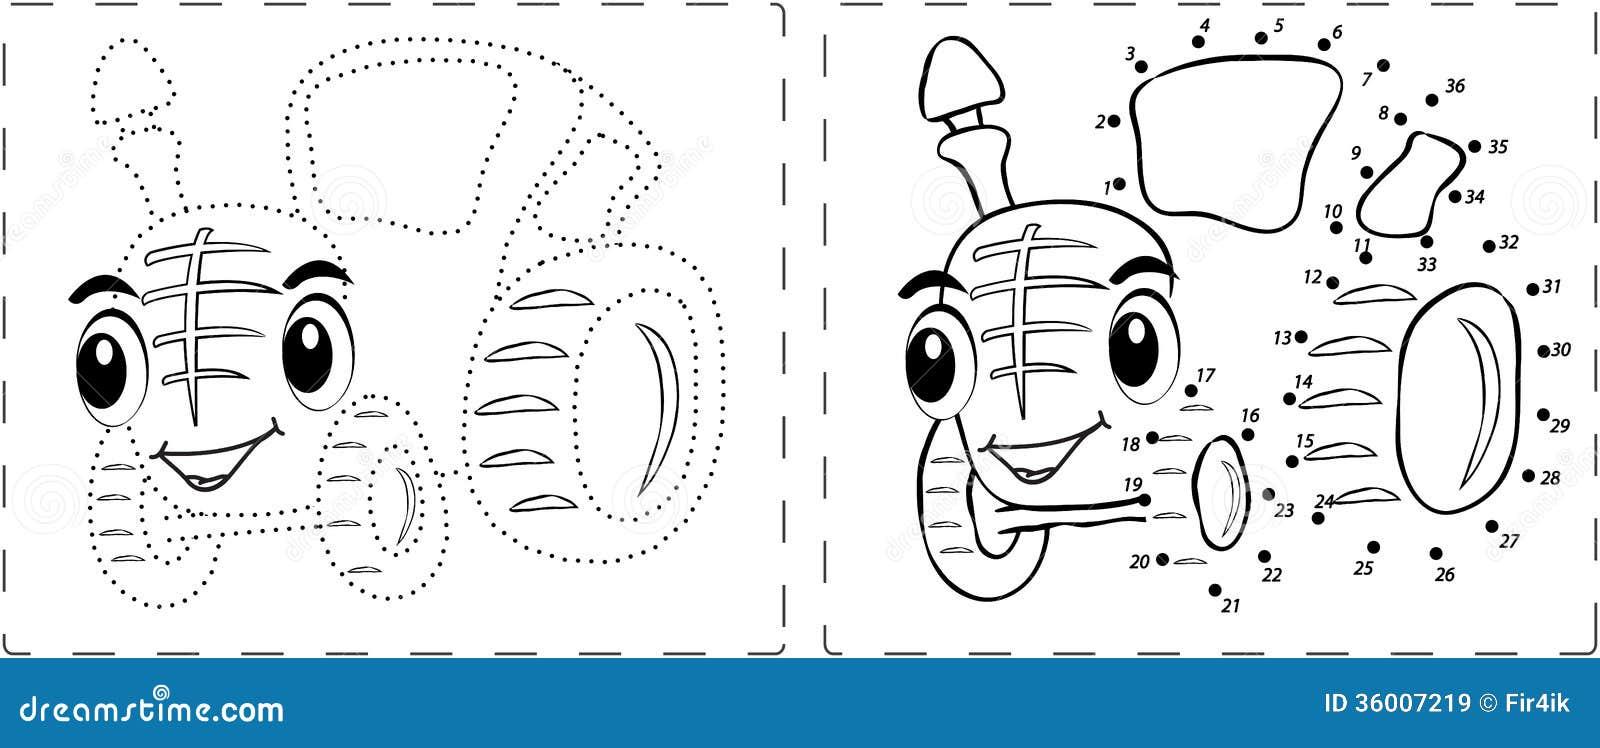 disegno divertente del trattore con i punti e le cifre